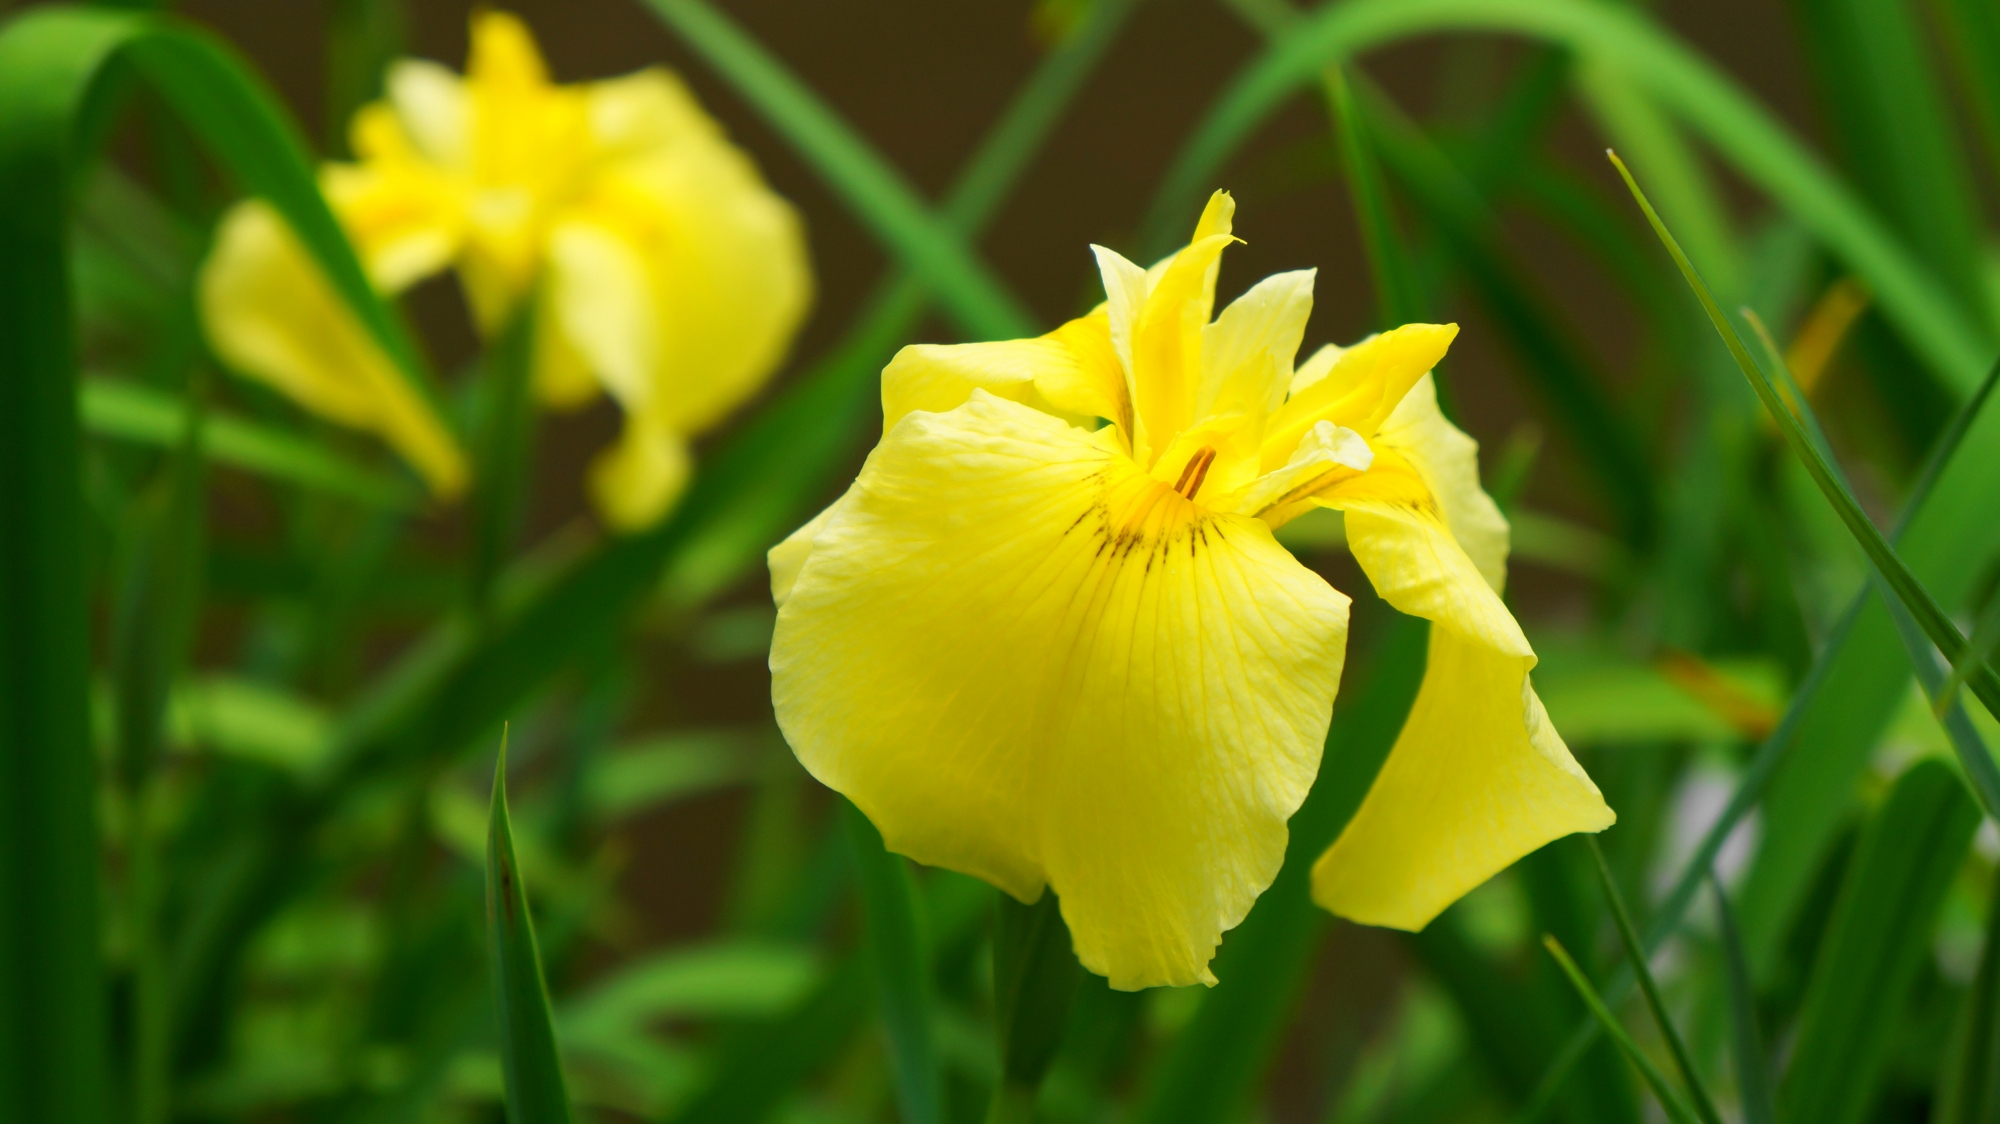 詩仙堂でこの時期に咲く花菖蒲